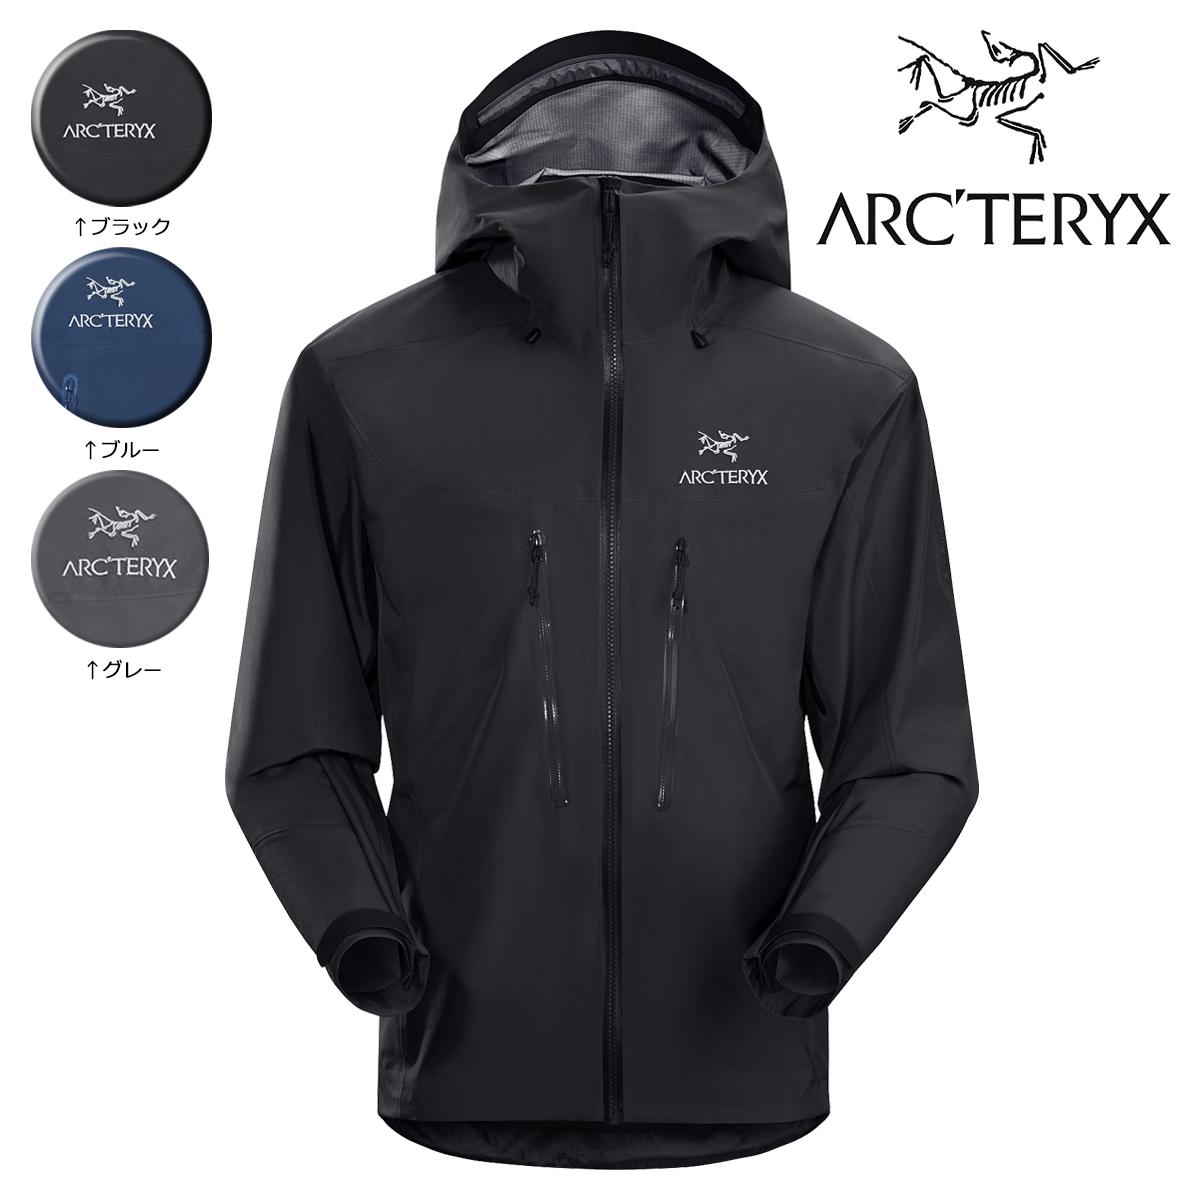 アークテリクス ARCTERYX ジャケット アルファ メンズ ALPHA AR JACKET ブラック ブルー グレー 黒 18086